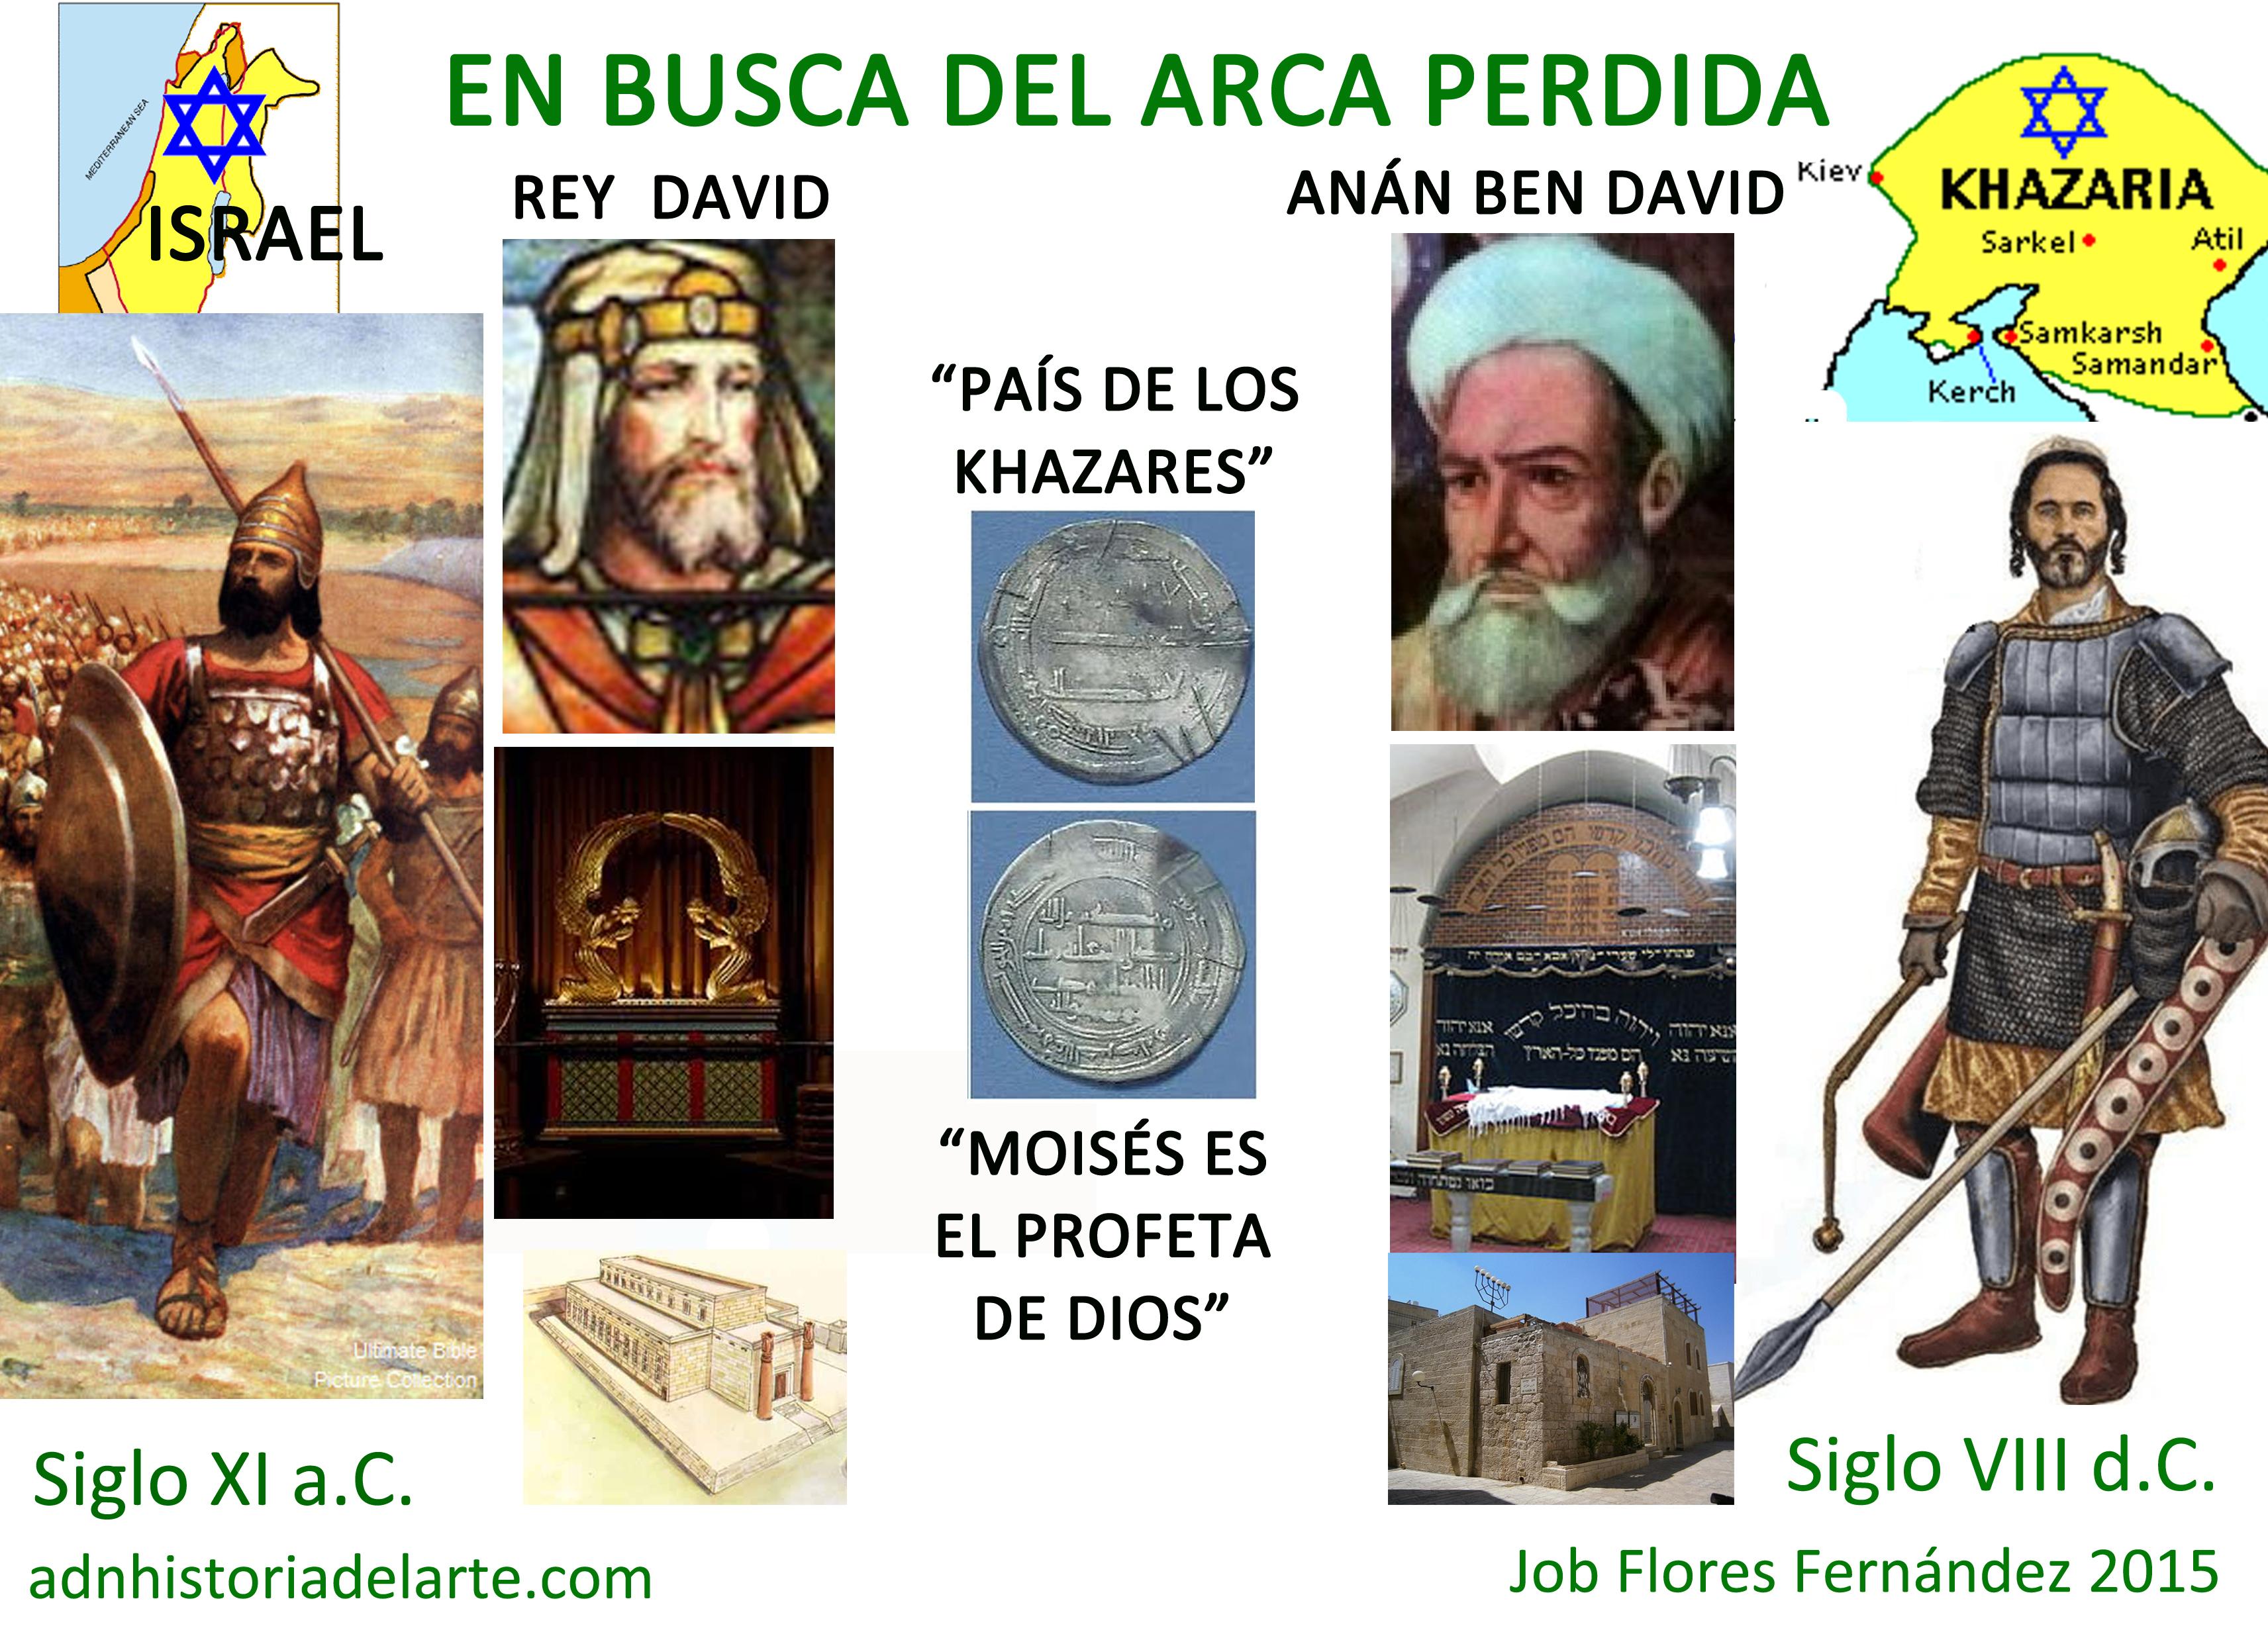 En busca del arca perdida historia c clica for En busca del arca perdida